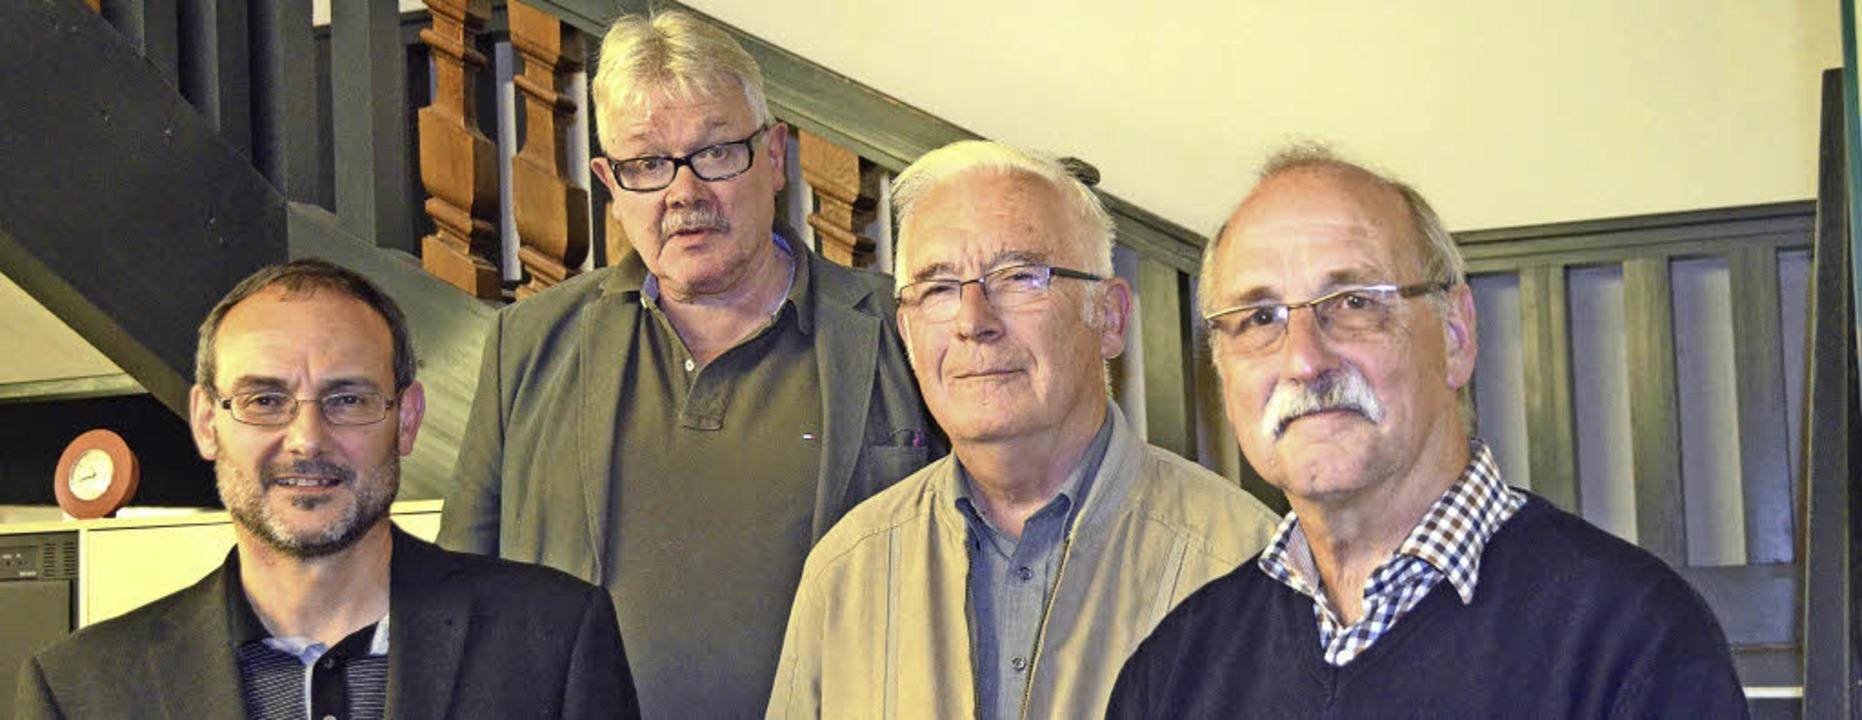 Lörrachs SPD-Vorsitzender Michael Pilg...ch Kuhns Sohn Herbert Kuhn (2.v.re.)    | Foto: Sabine Ehrentreich